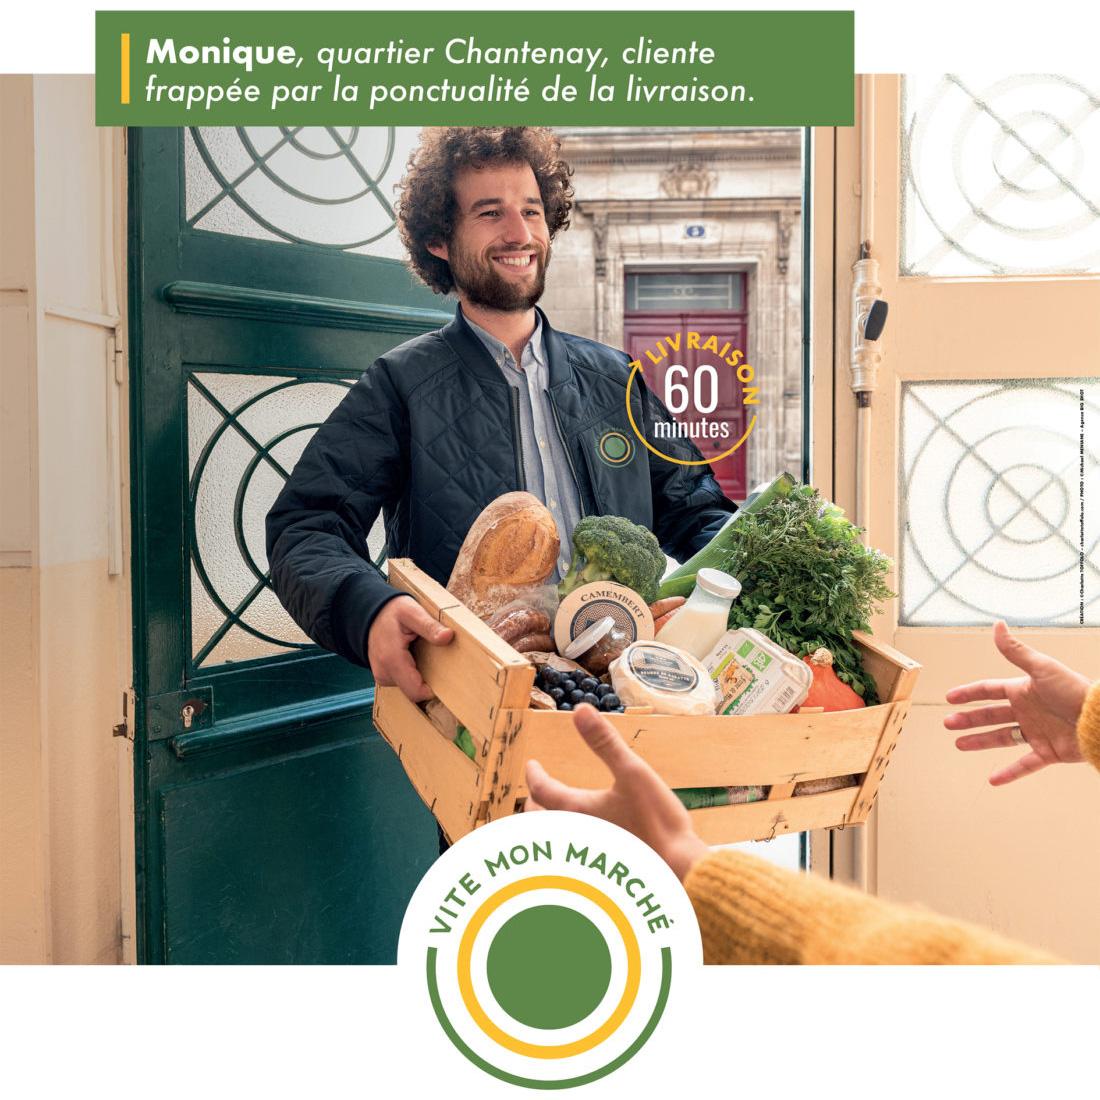 Campagne de publicité de Vite Mon Marché à Nantes